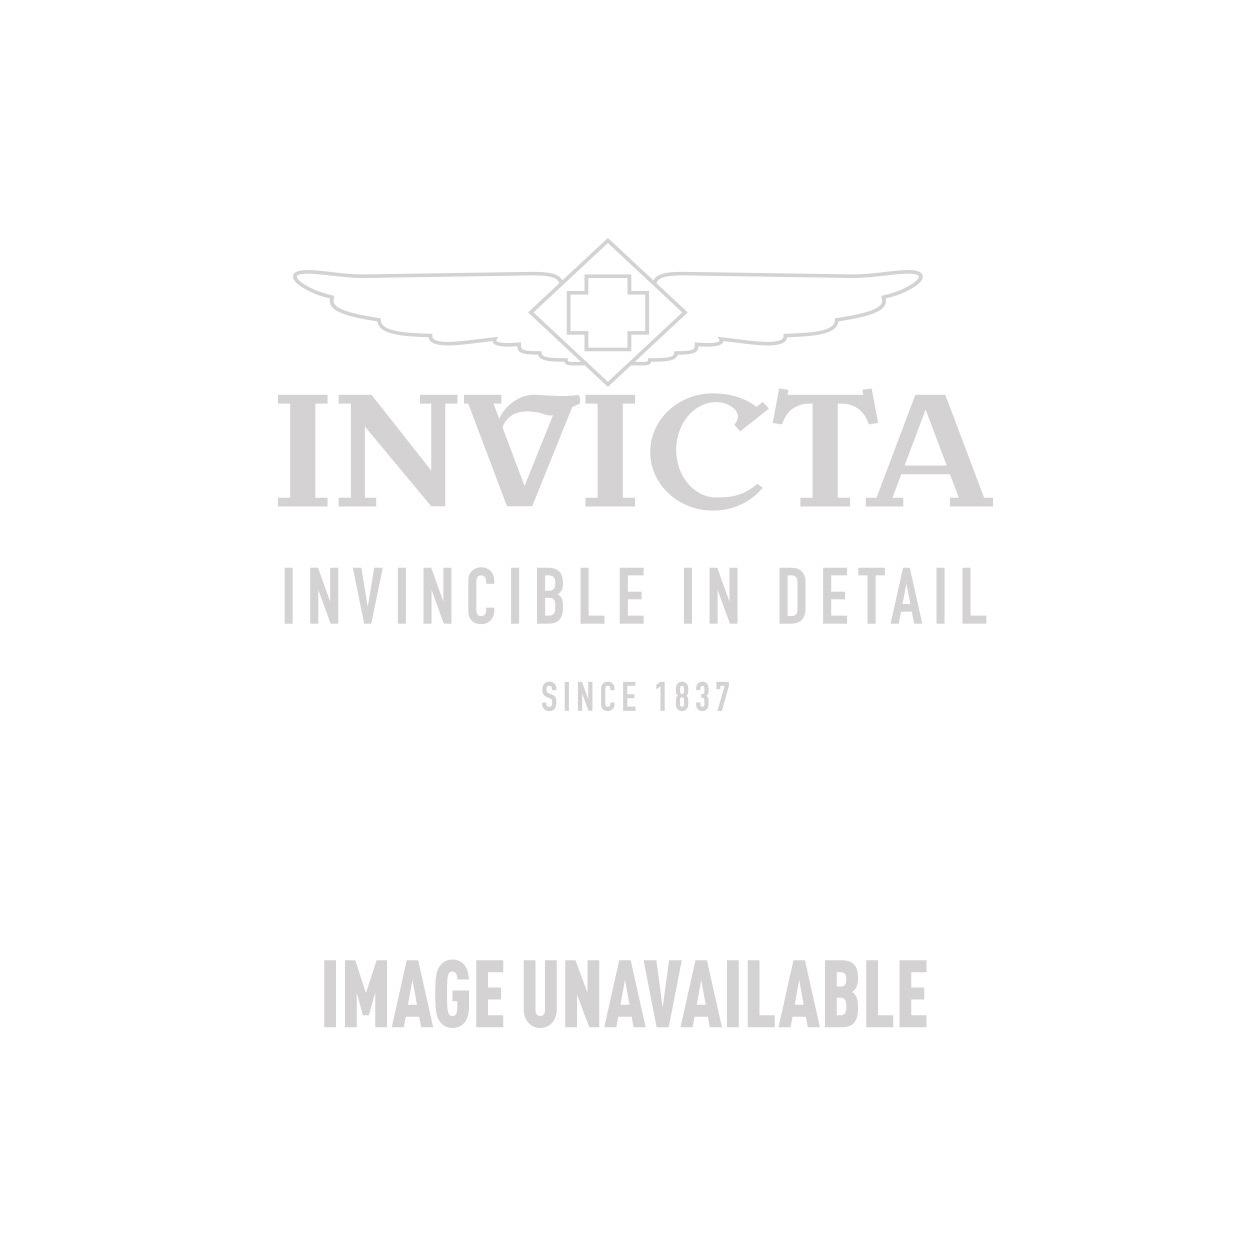 Invicta Model 24567